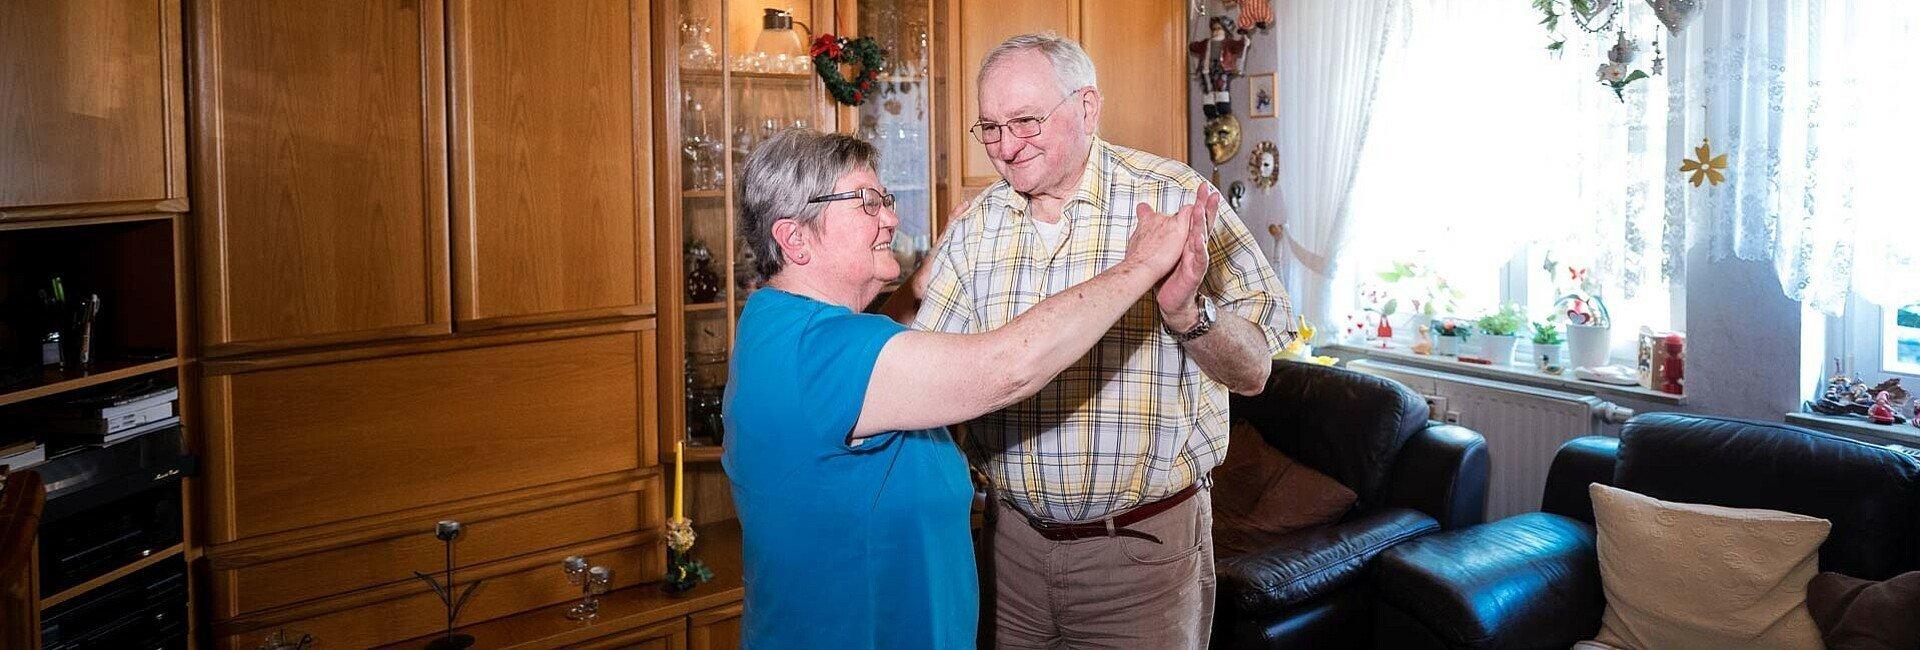 Ehepaar Neubert machen einige Tanzschritte in ihrem Wohnzimmer in der Germaniasiedlung in Höhenberg